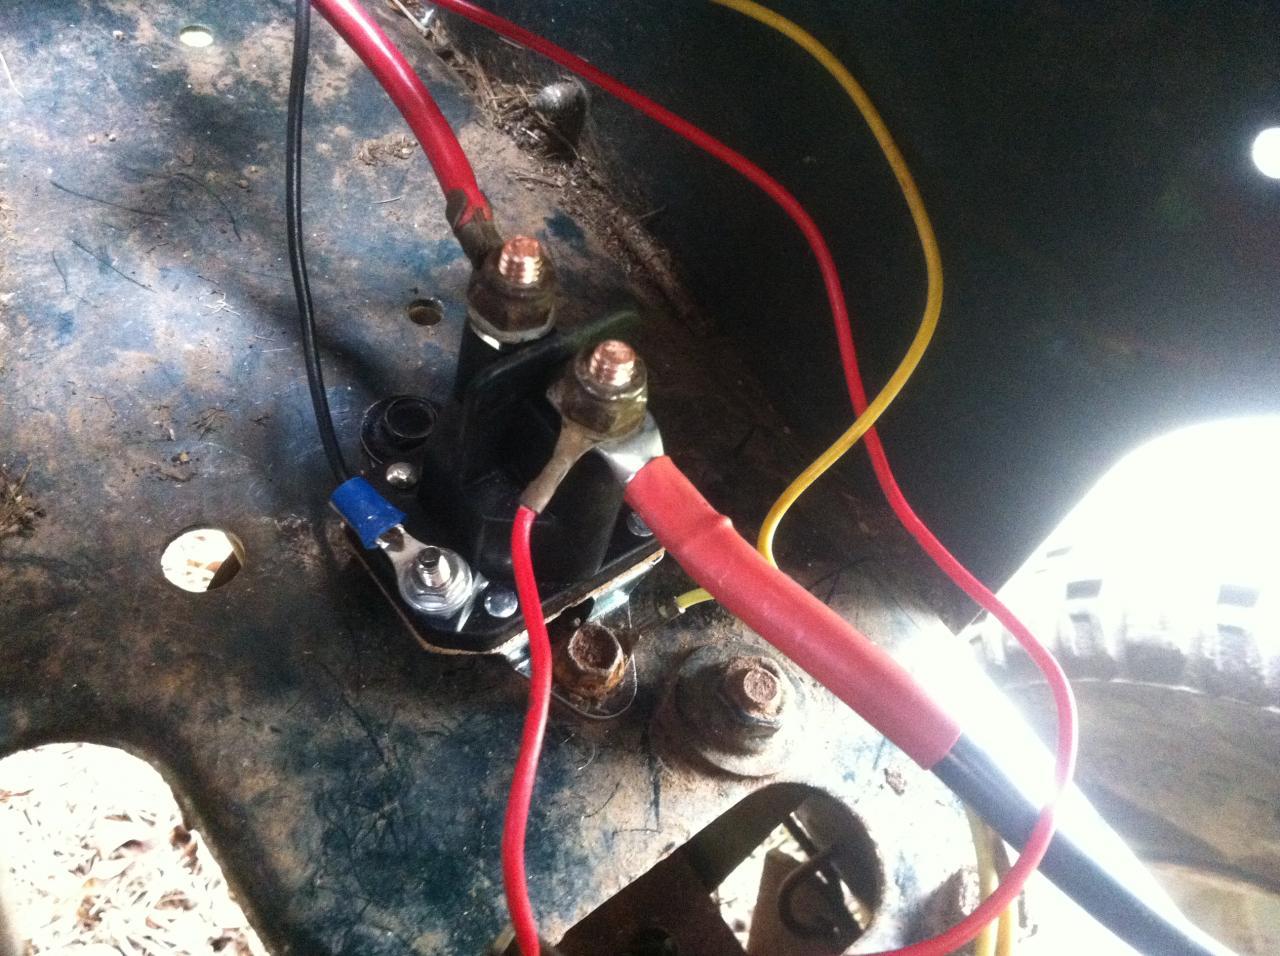 wrg 5771] craftsman mower solenoid wiring diagramRiding Lawn Mower Solenoid Wiring Diagram #3